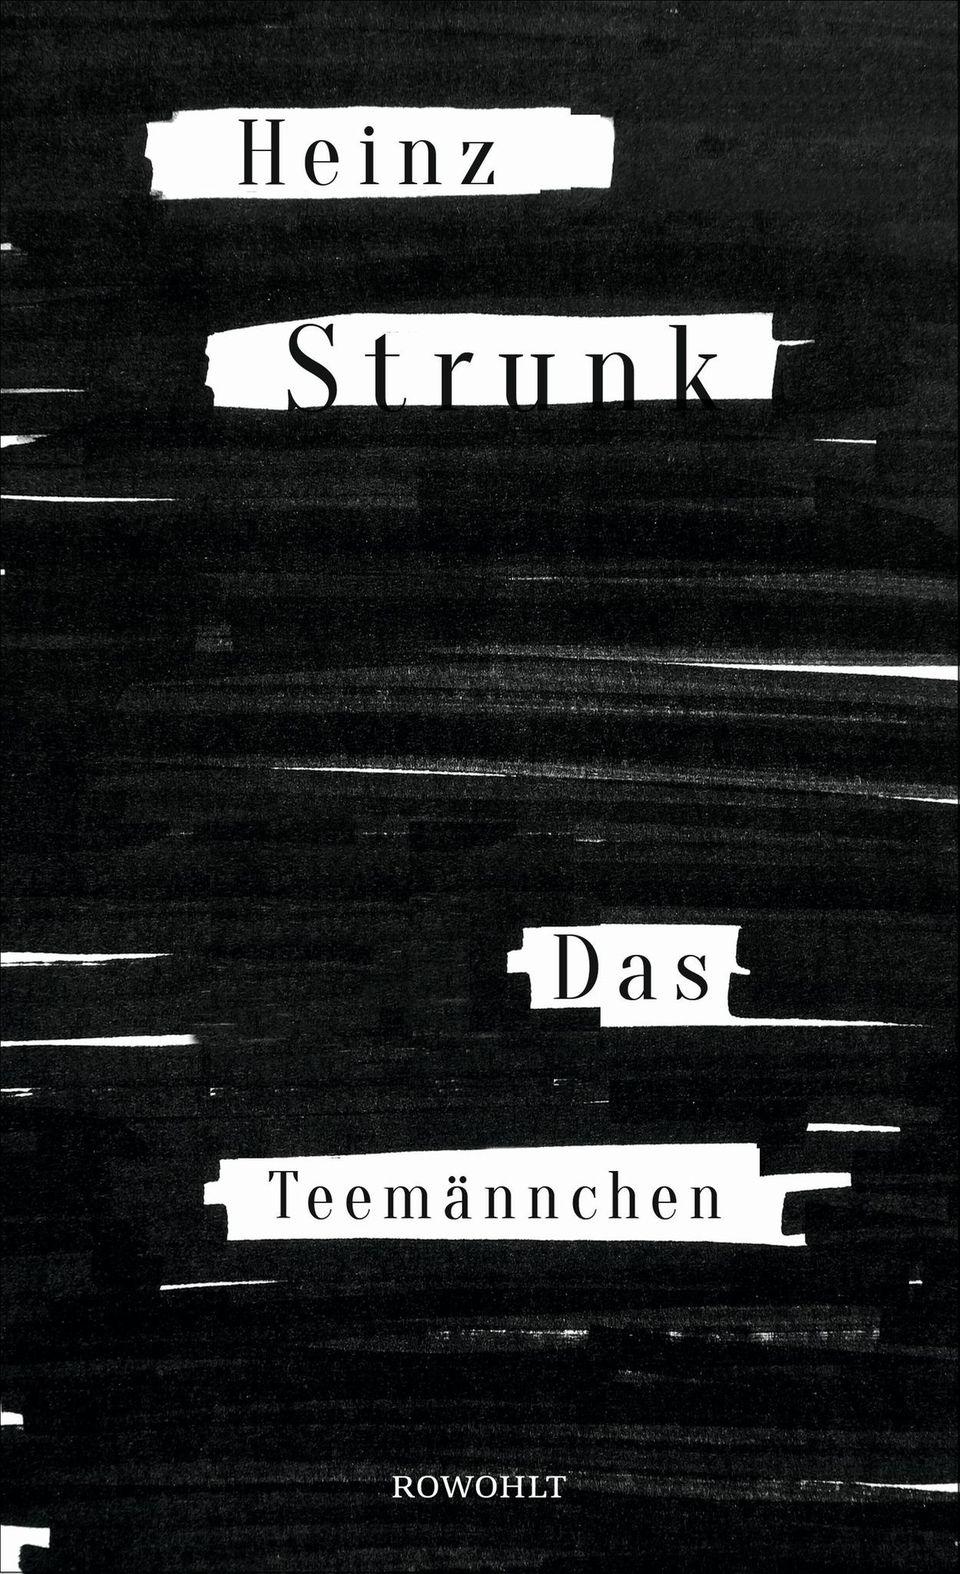 Heinz Strunk Das Teemännchen Cover